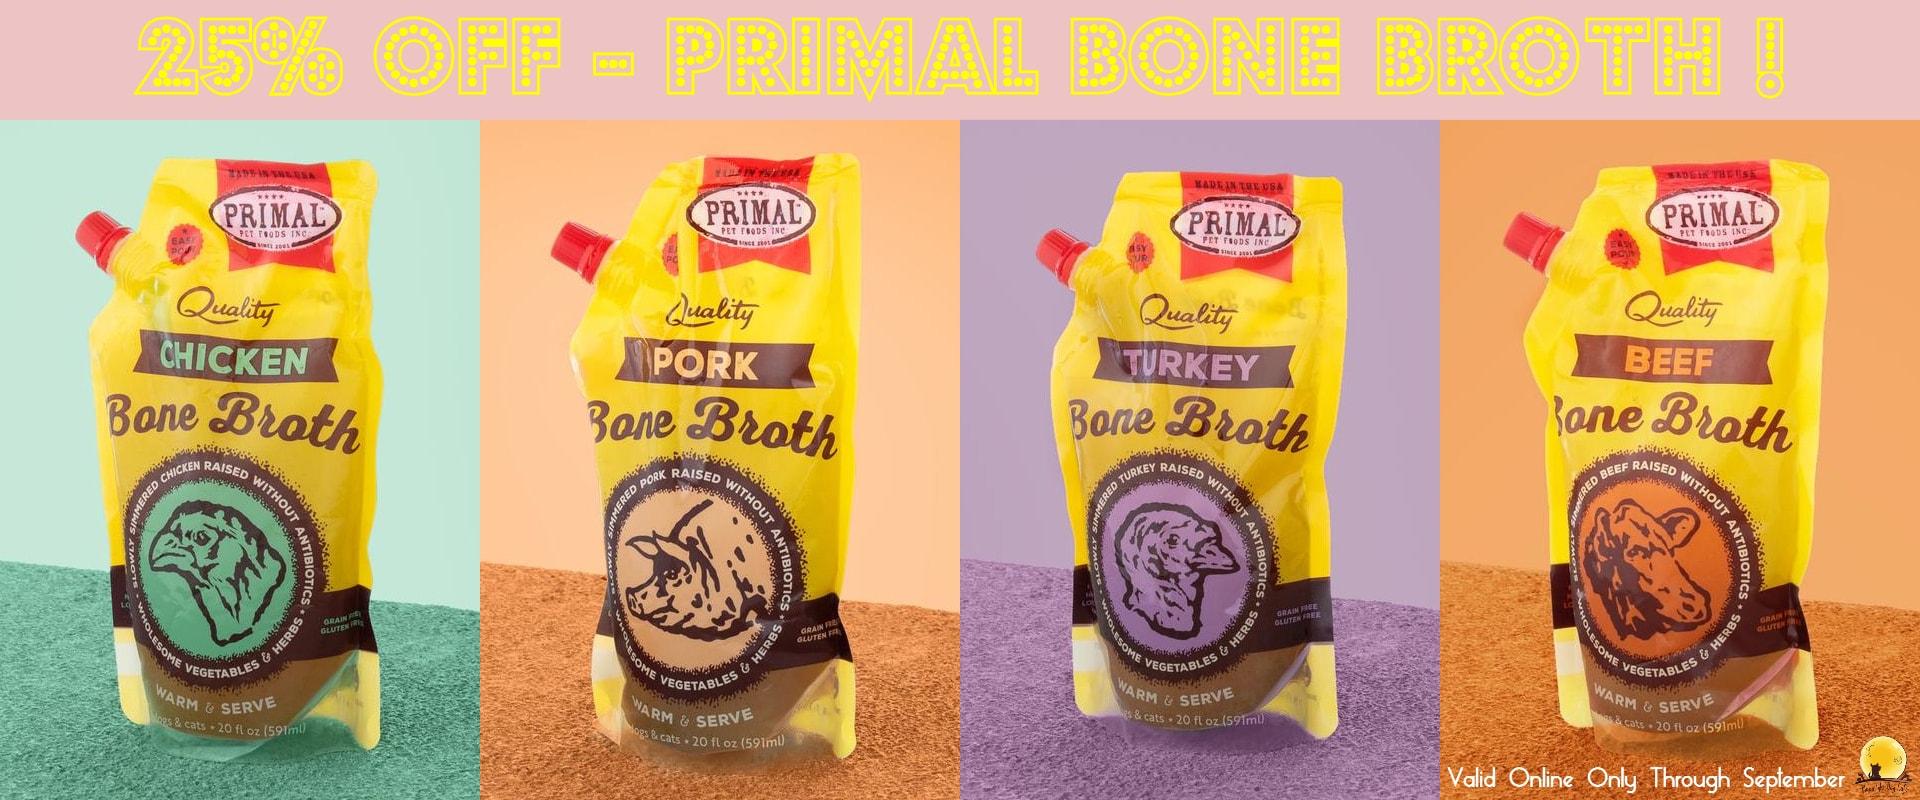 Primal, bone broth